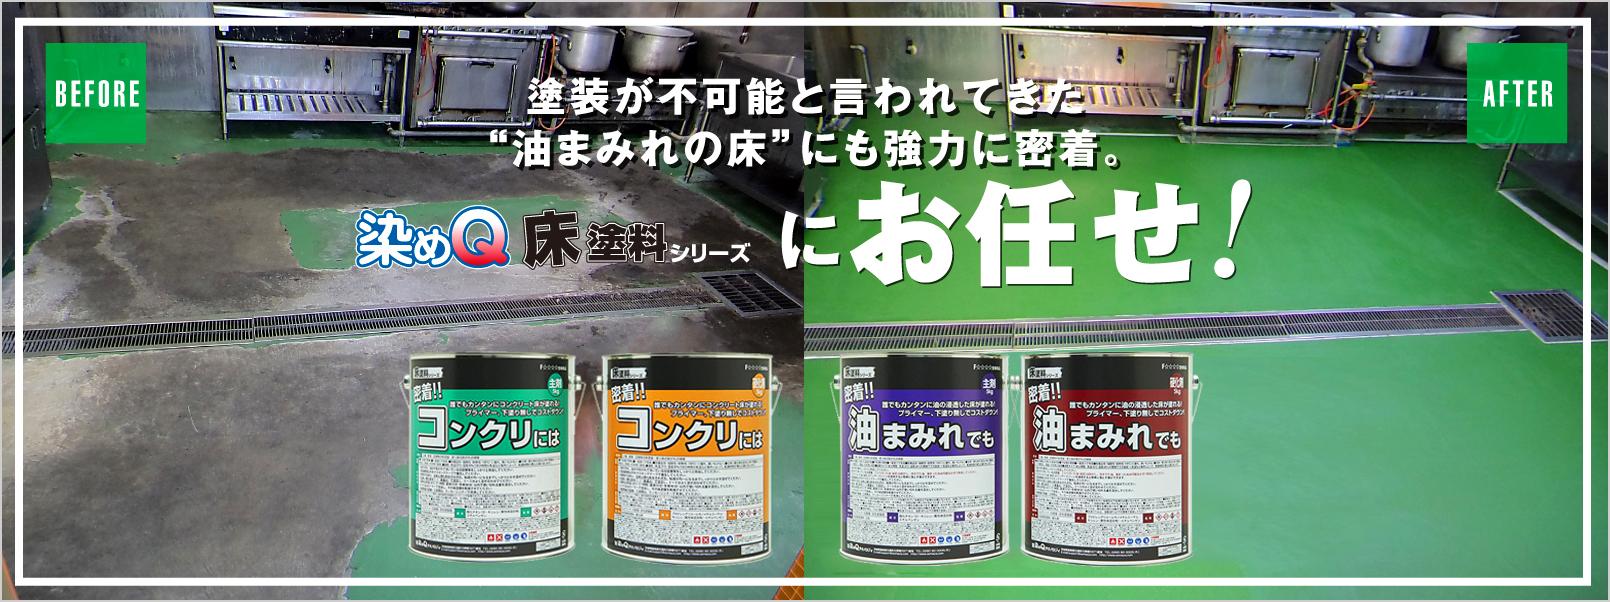 床塗料シリーズ